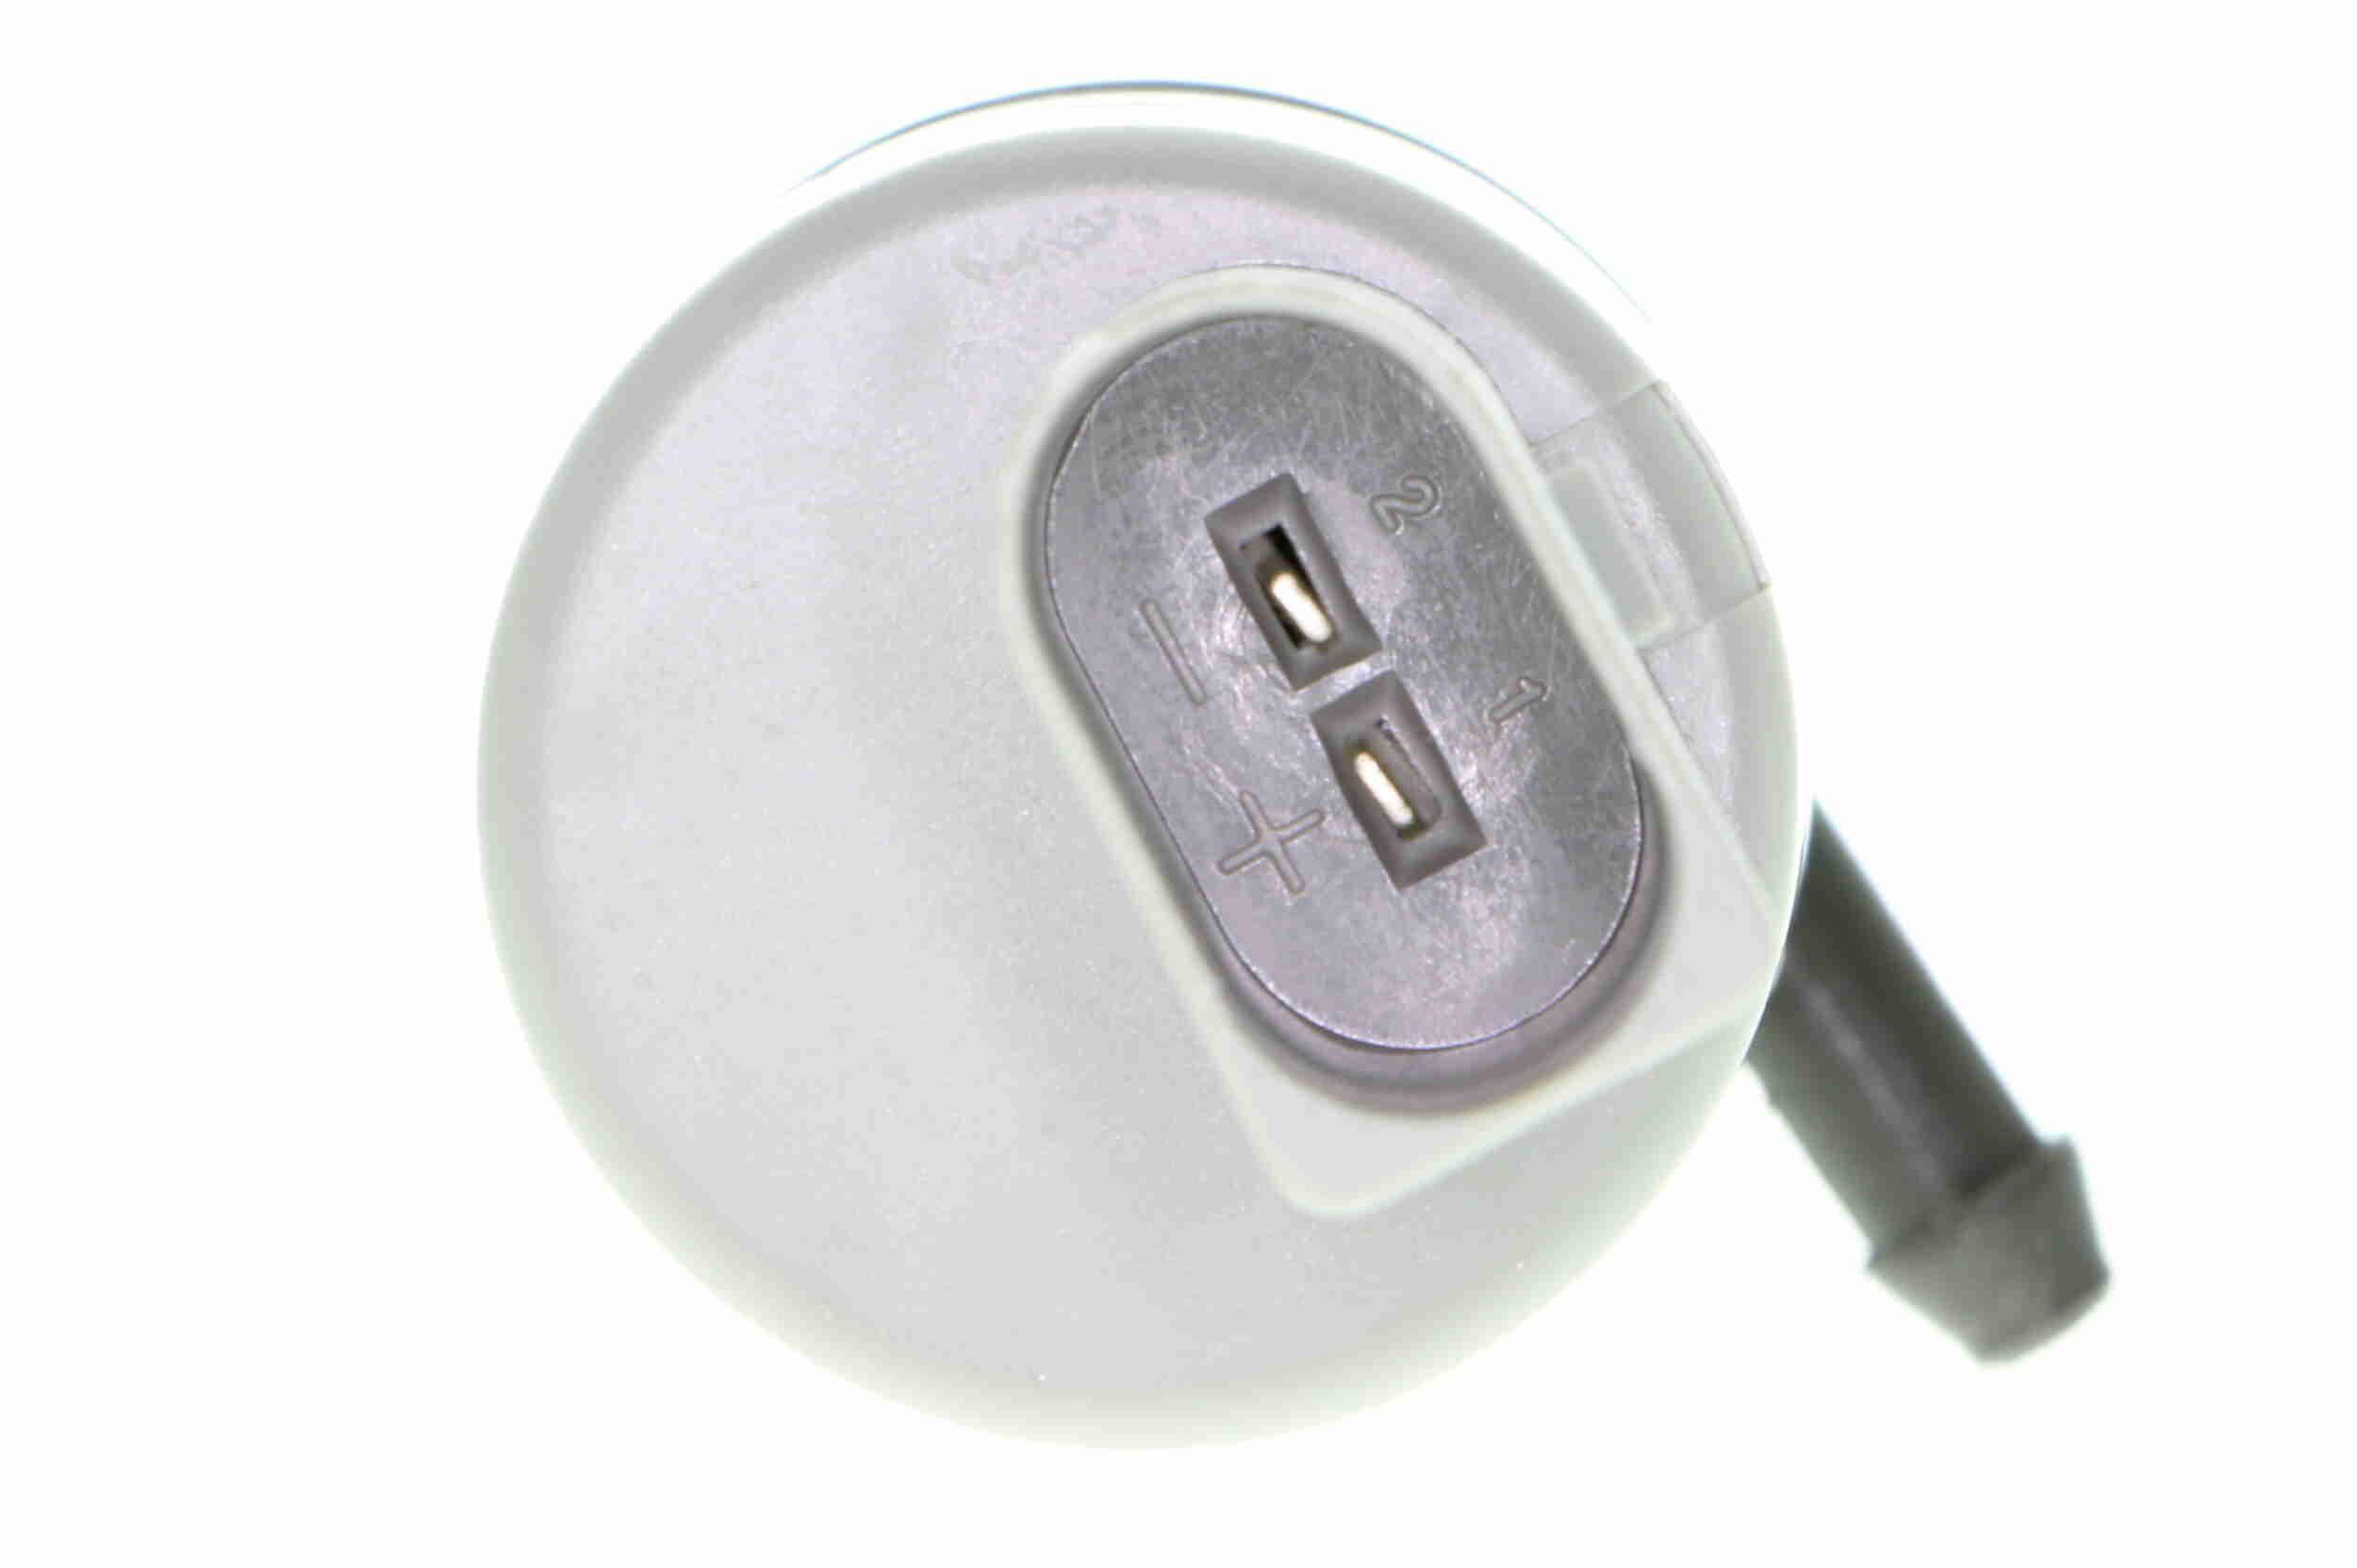 VEMO V20-08-0106 EAN:4046001354250 online store